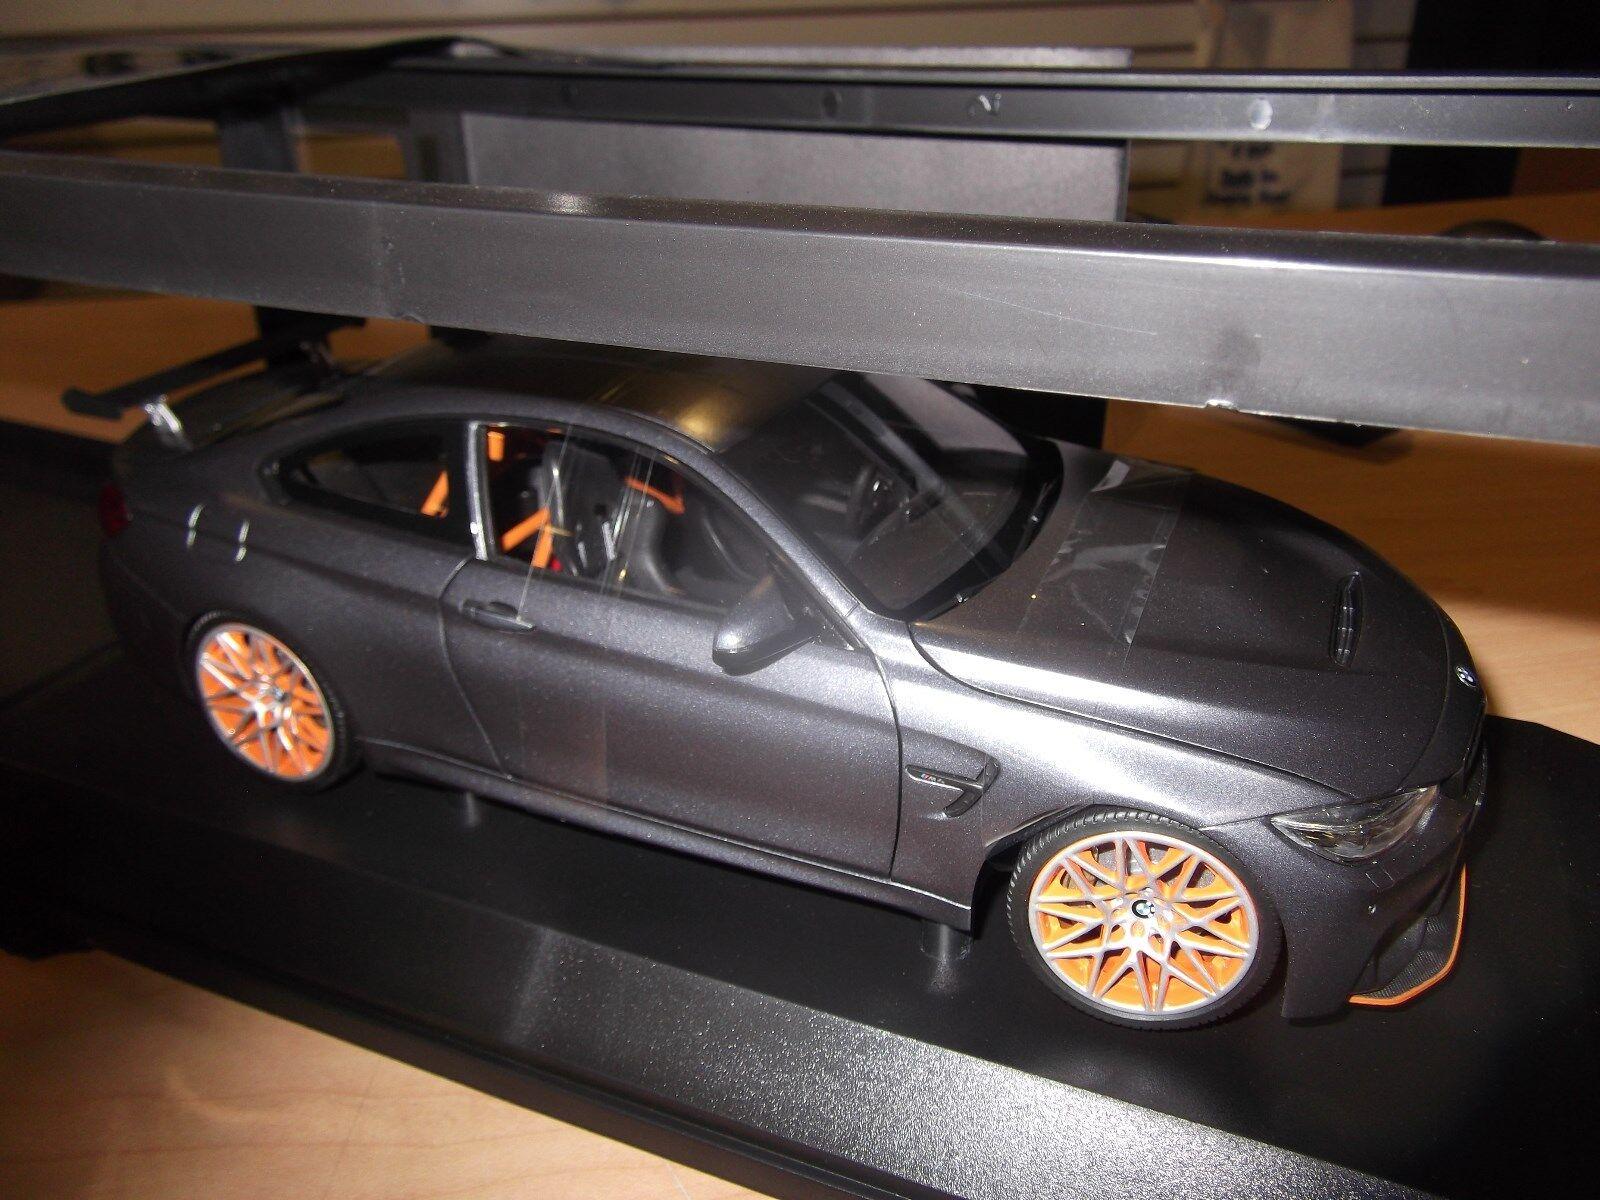 Bmw m4 gts f82 1,18 modell mini - auto - 80432411555 sammlerstück